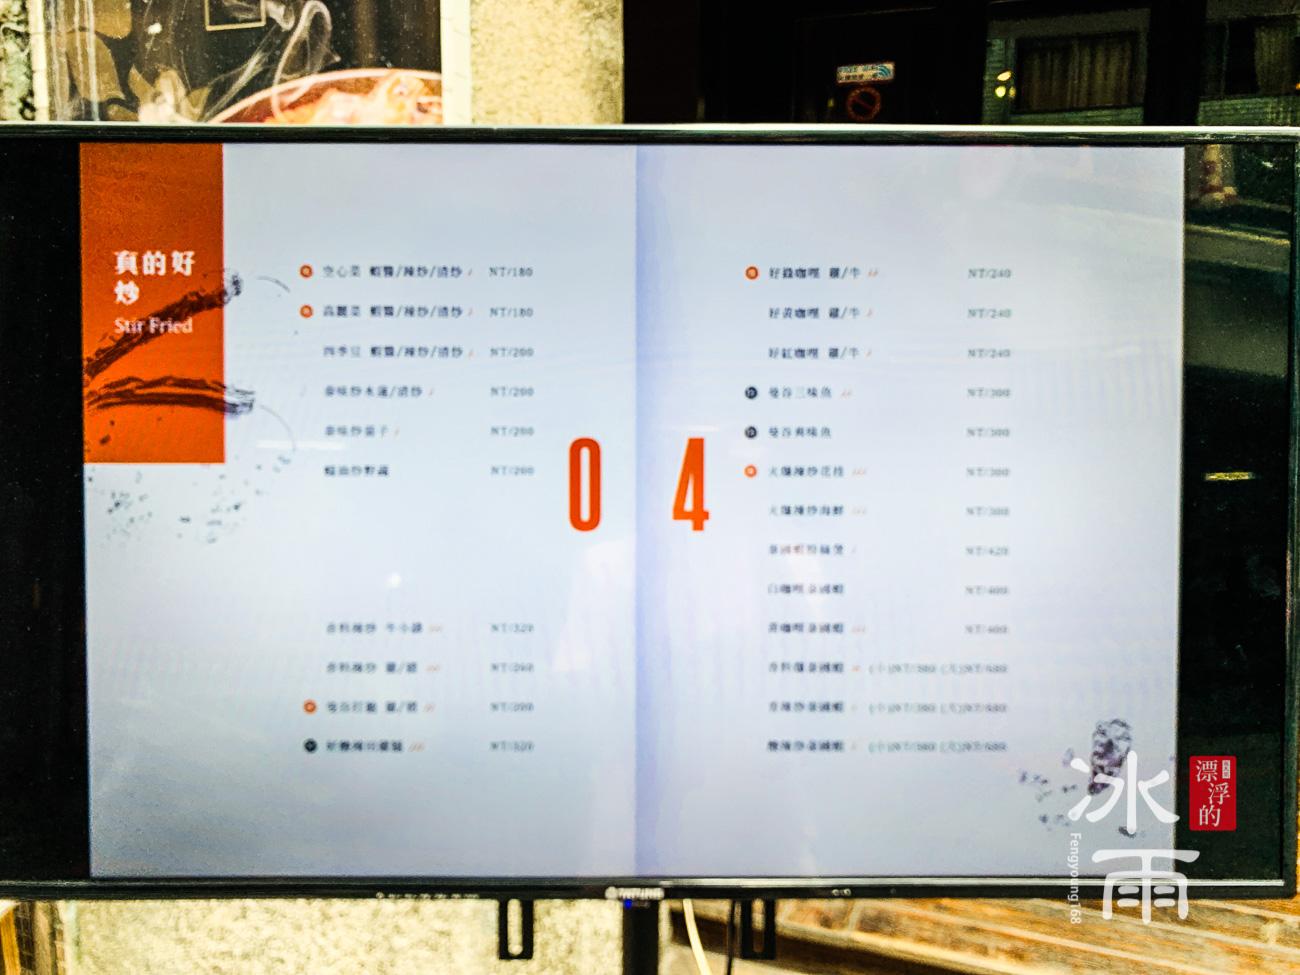 非常時髦的電子螢幕,可以看到所有的菜單,加速點餐的考慮時間